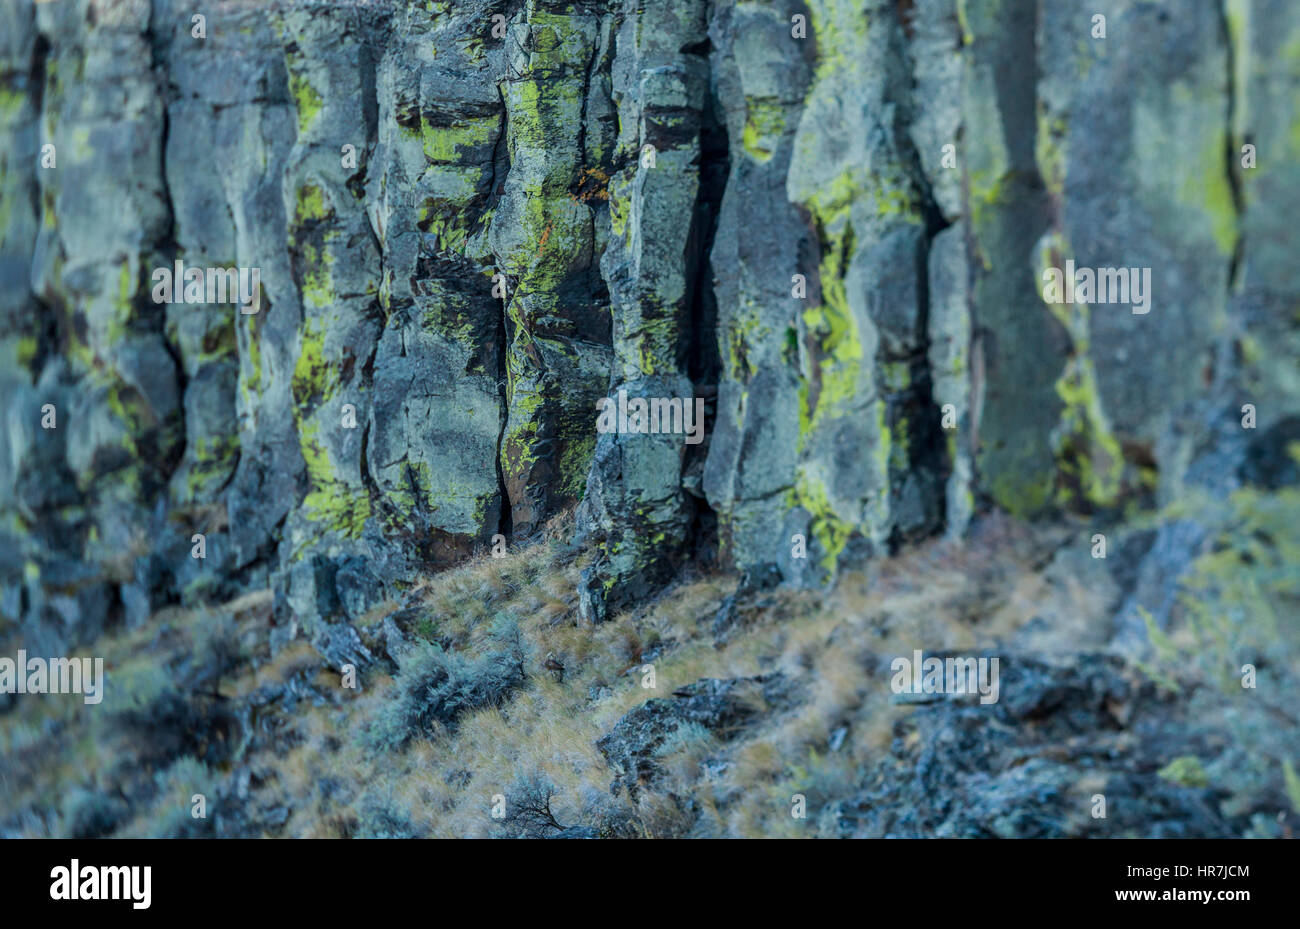 Il Lichen coperto scogliere di basalto in Eastern Washington, Frenchman's Coulee, Washington, Stati Uniti d'America. Immagini Stock